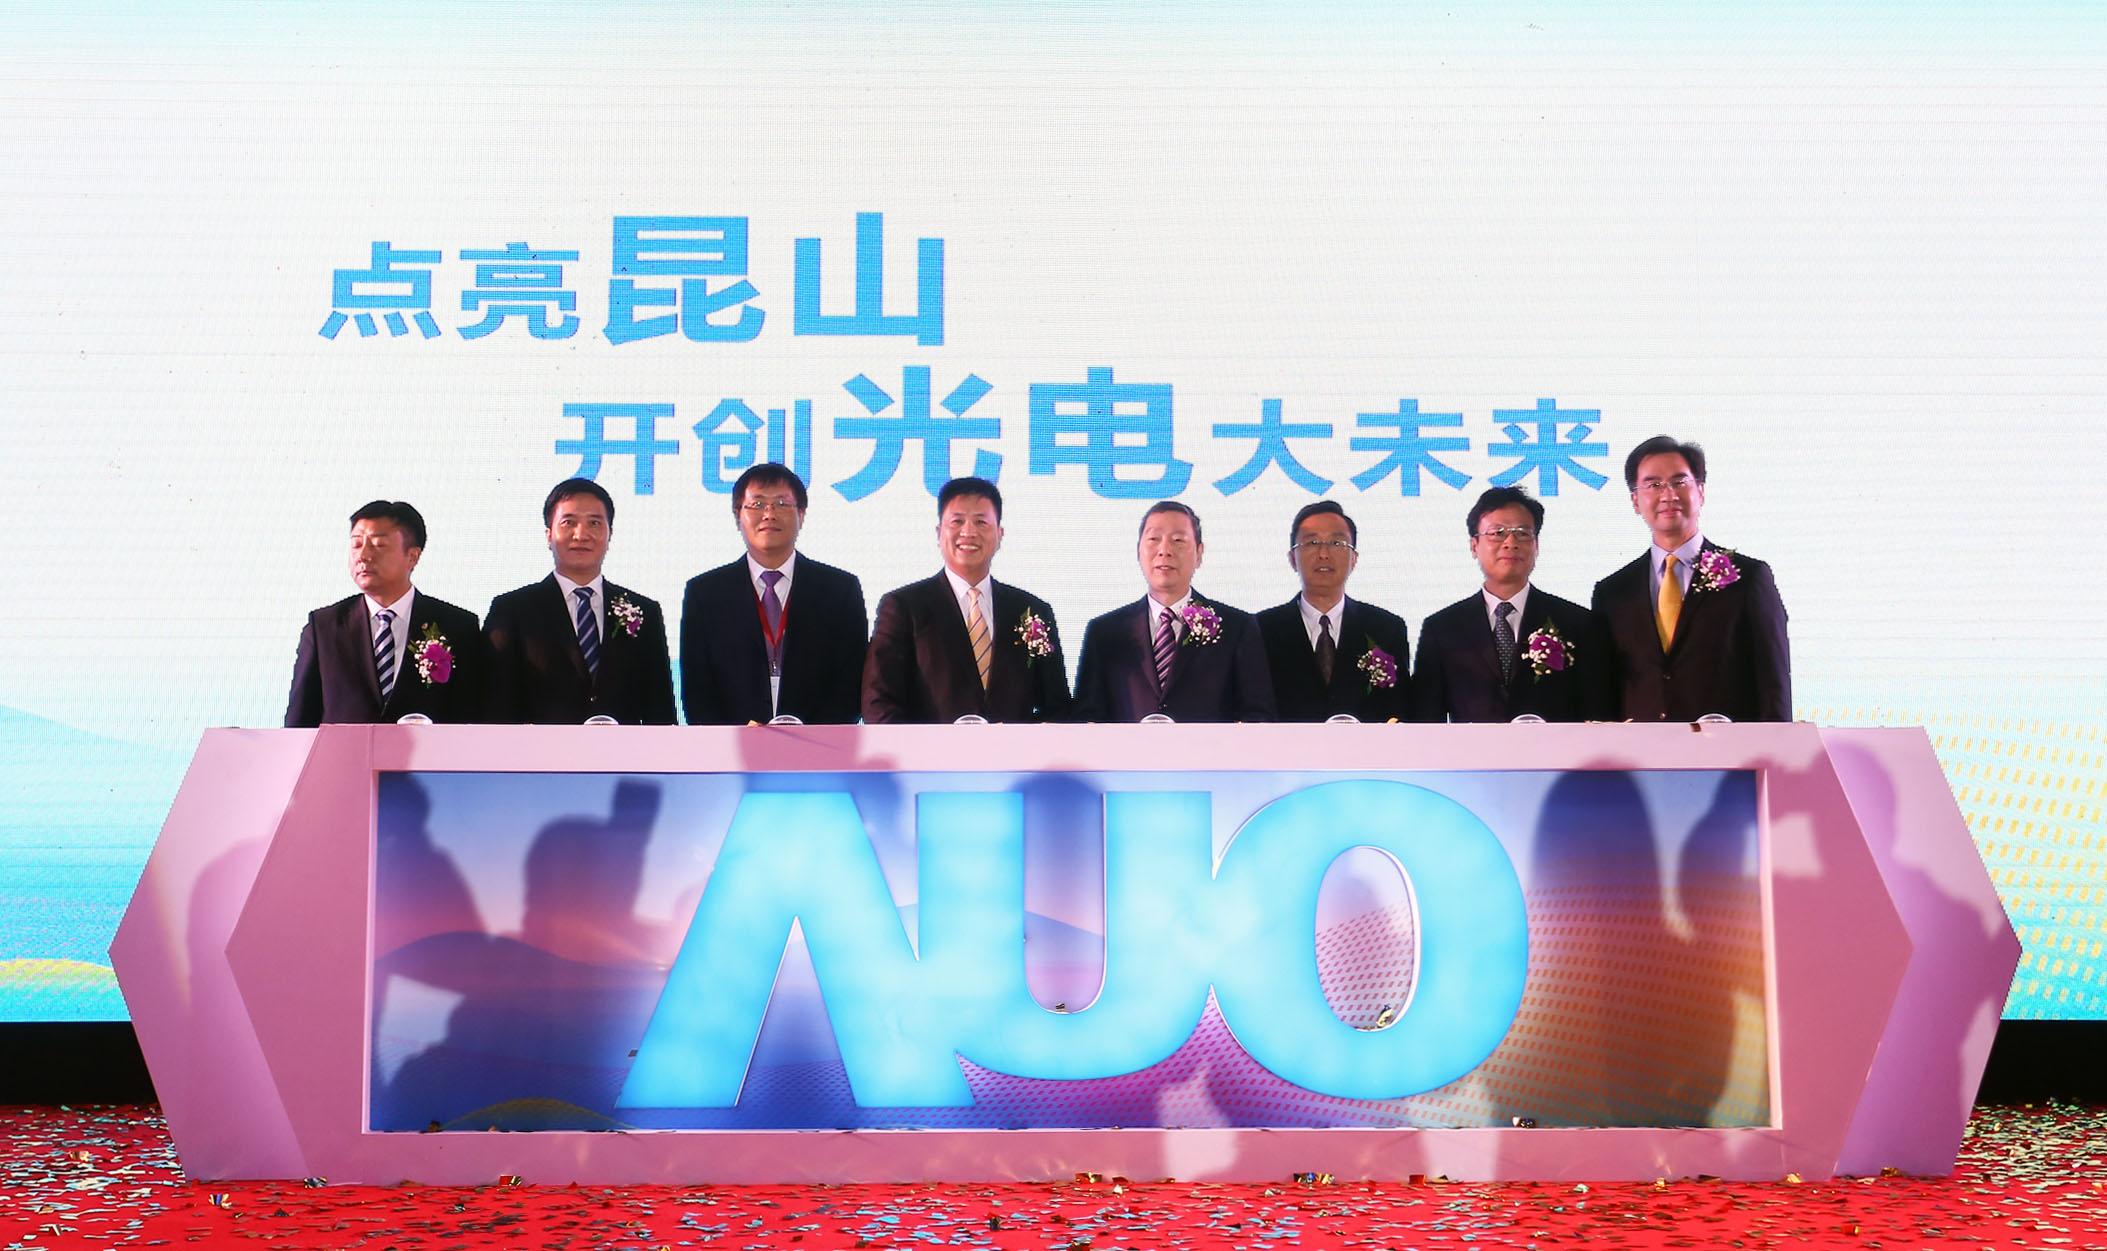 图二_友达昆山厂盛大开幕宣布成功量产.jpg